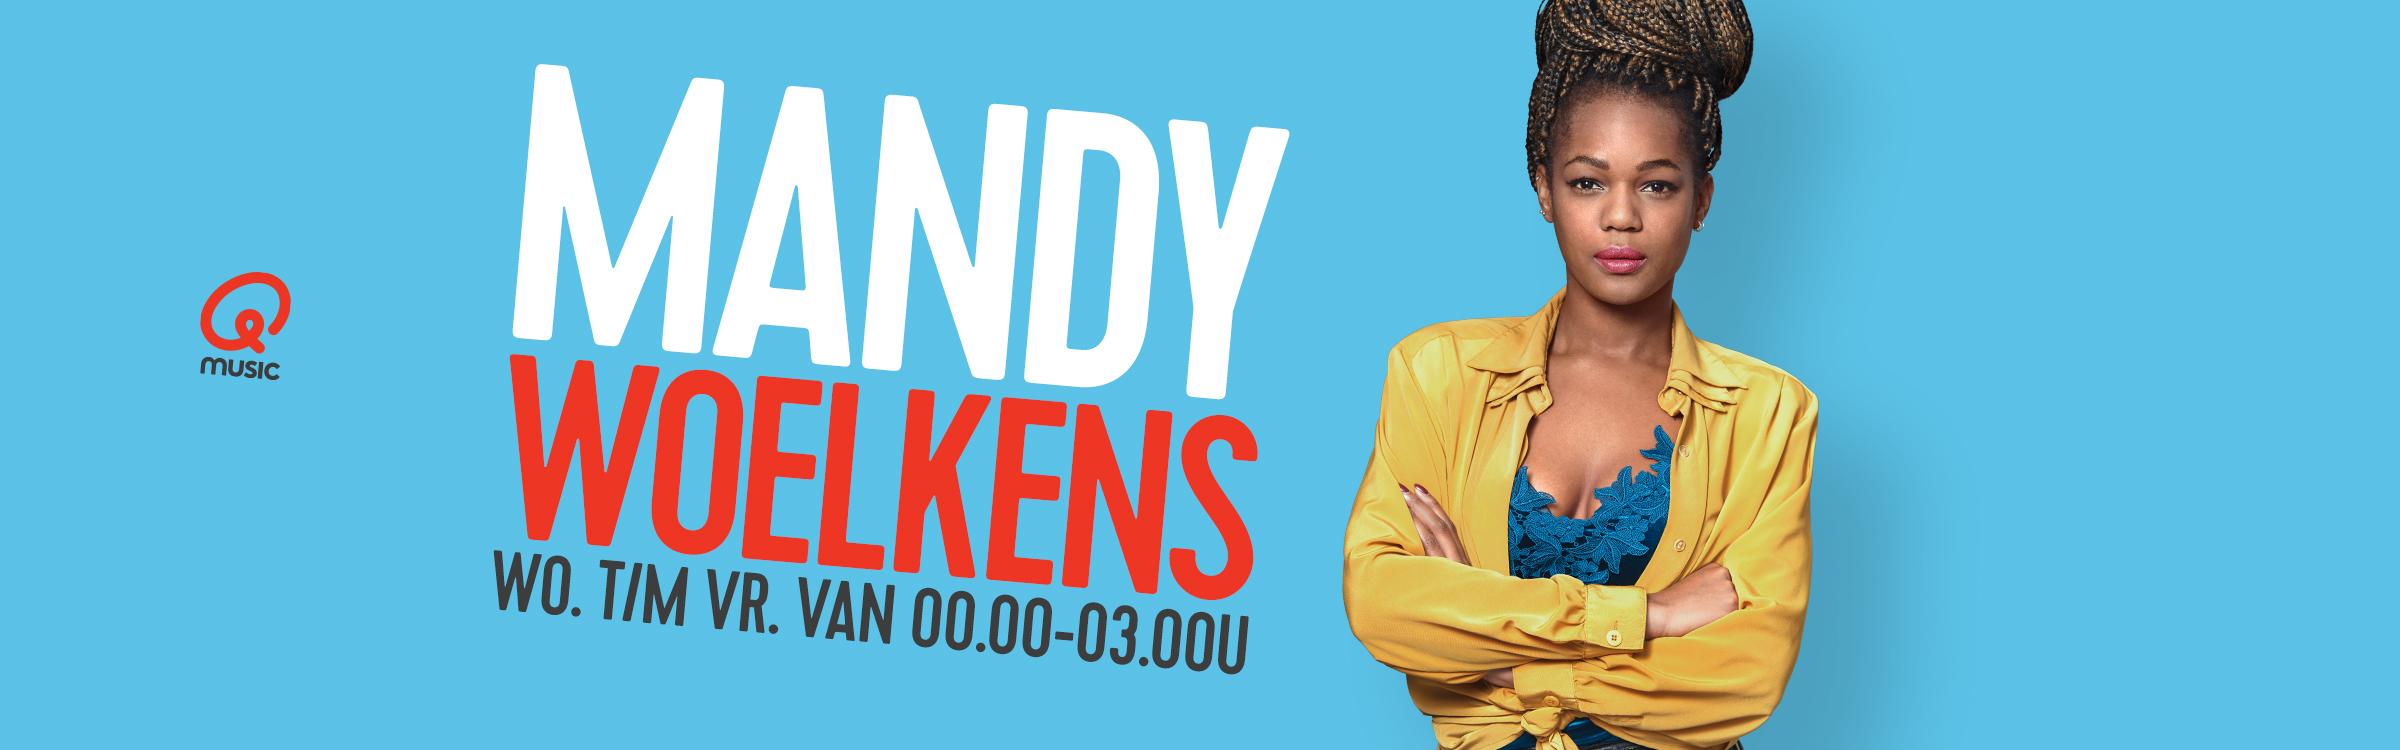 Mandy Woelkens